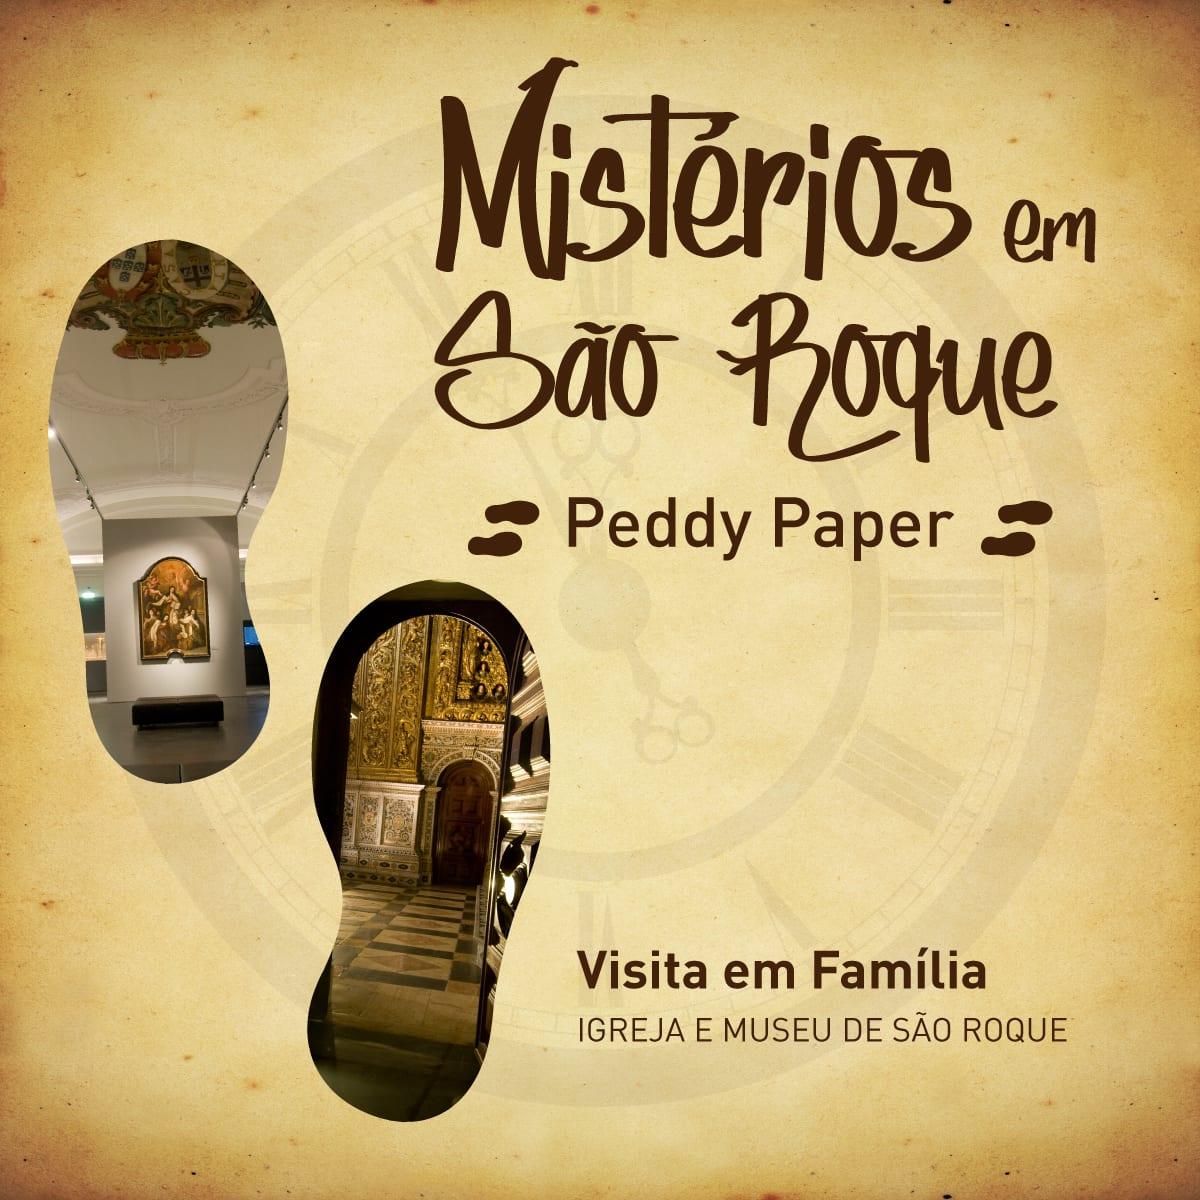 Os Mistérios em São Roque – Peddy Paper